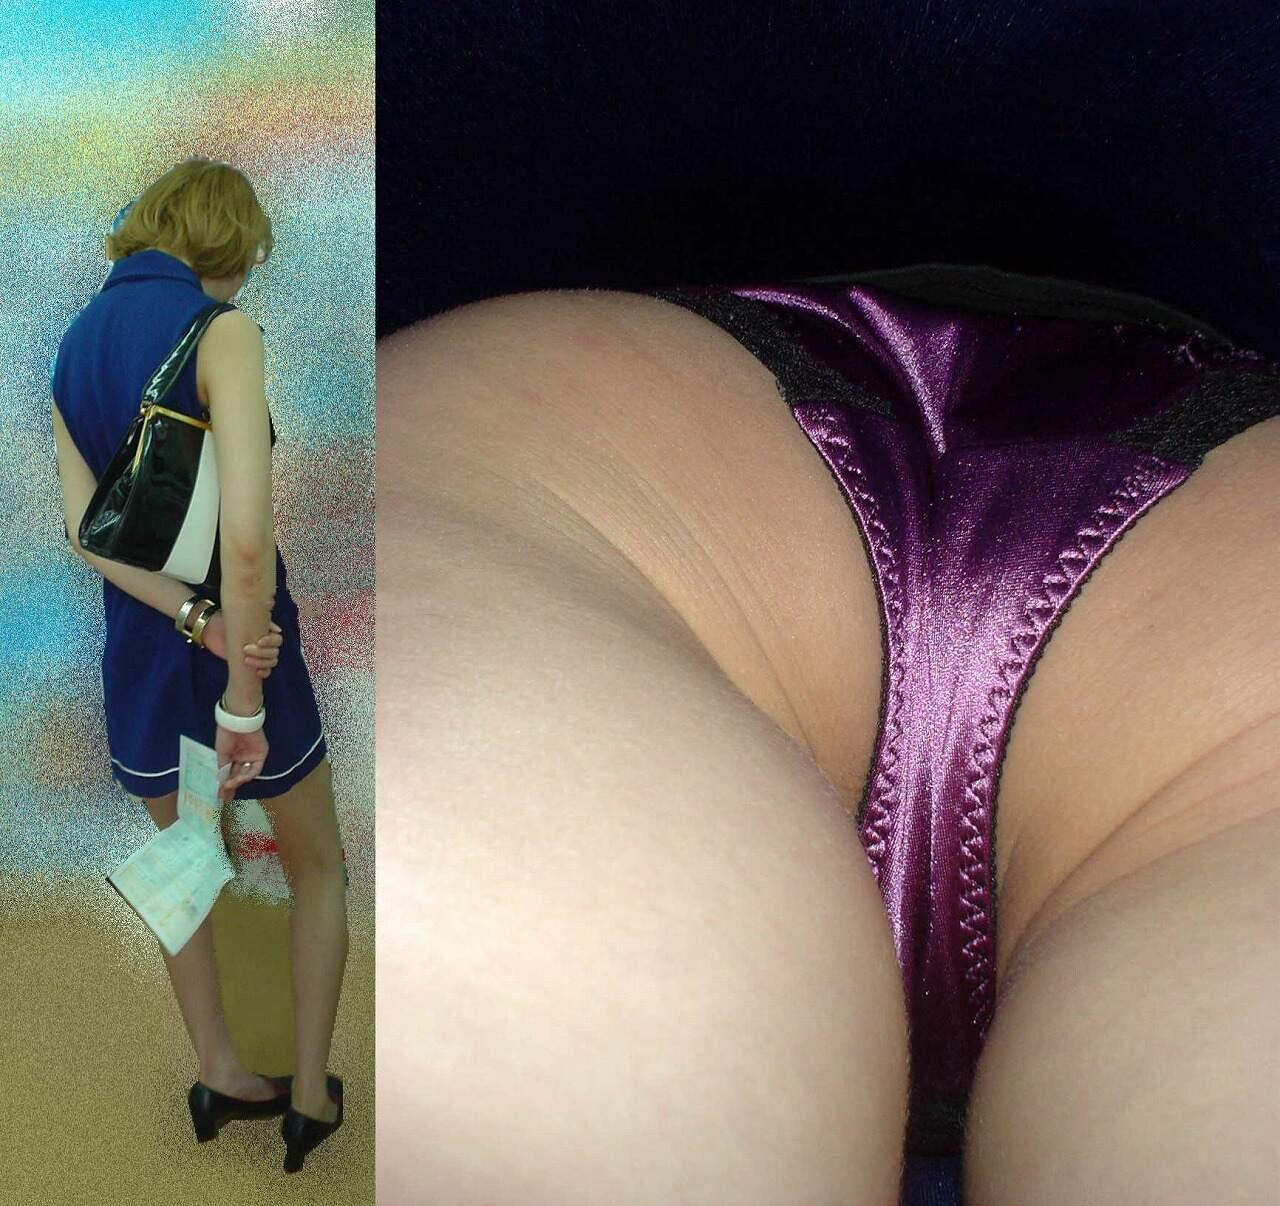 紫のパンツがセクシー過ぎる激カワ女性!